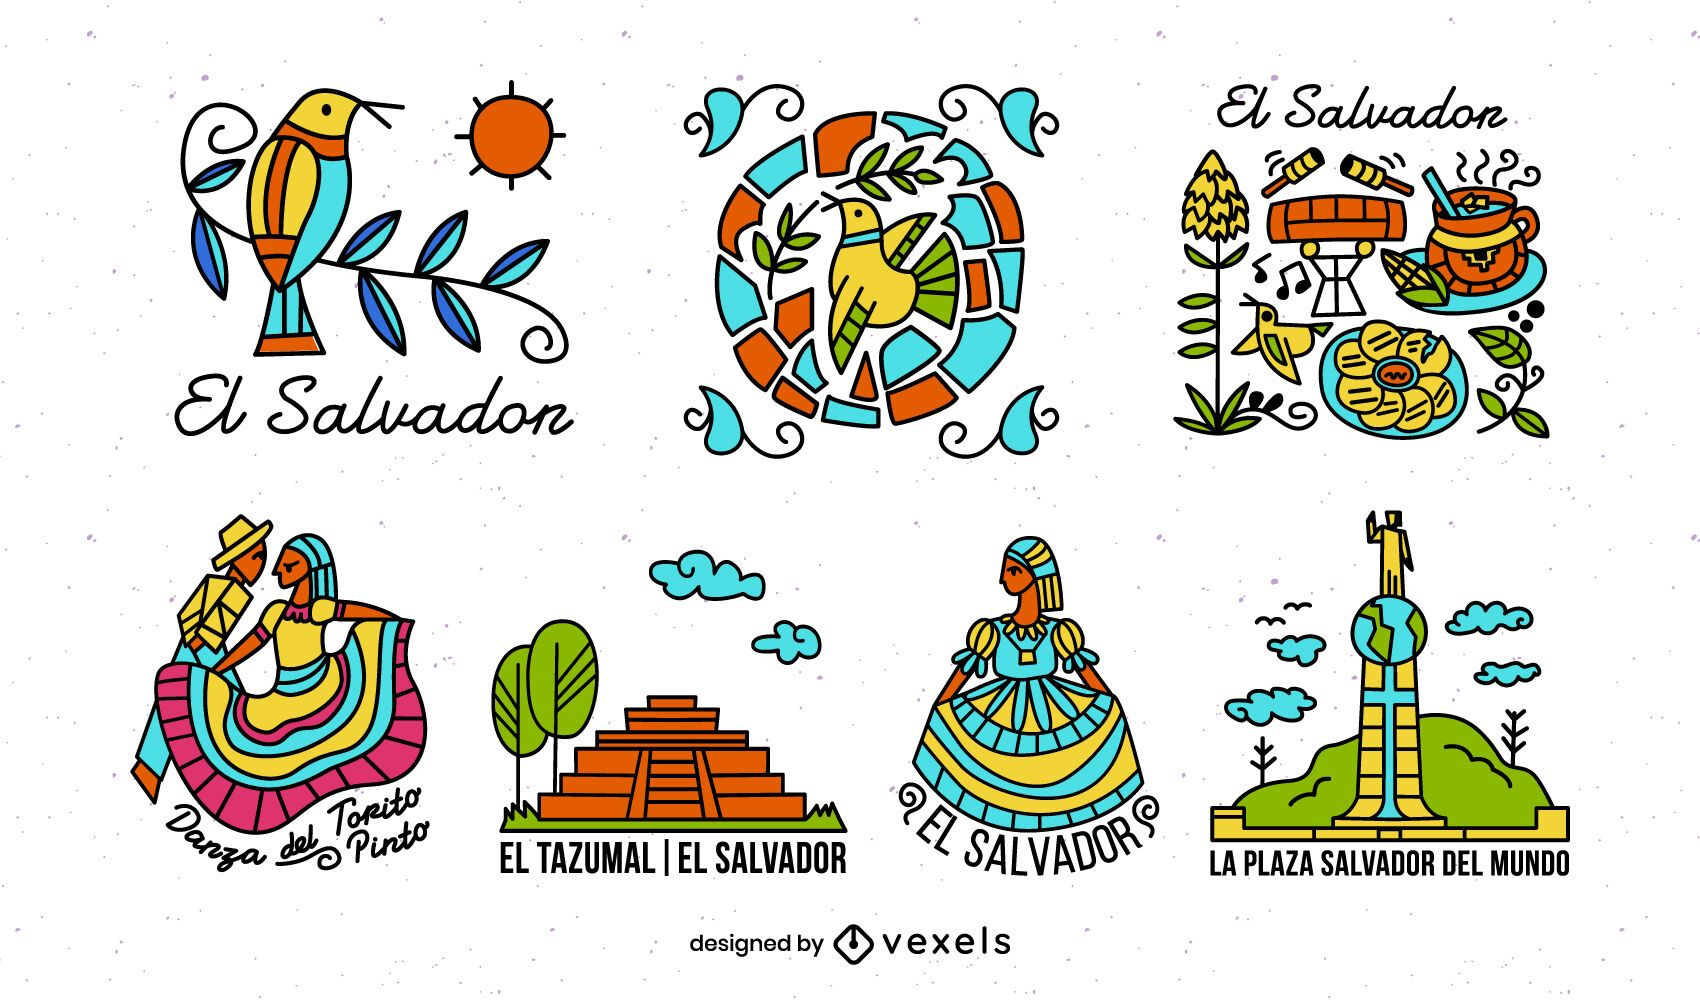 Paquete de elementos ilustrados coloridos de El Salvador